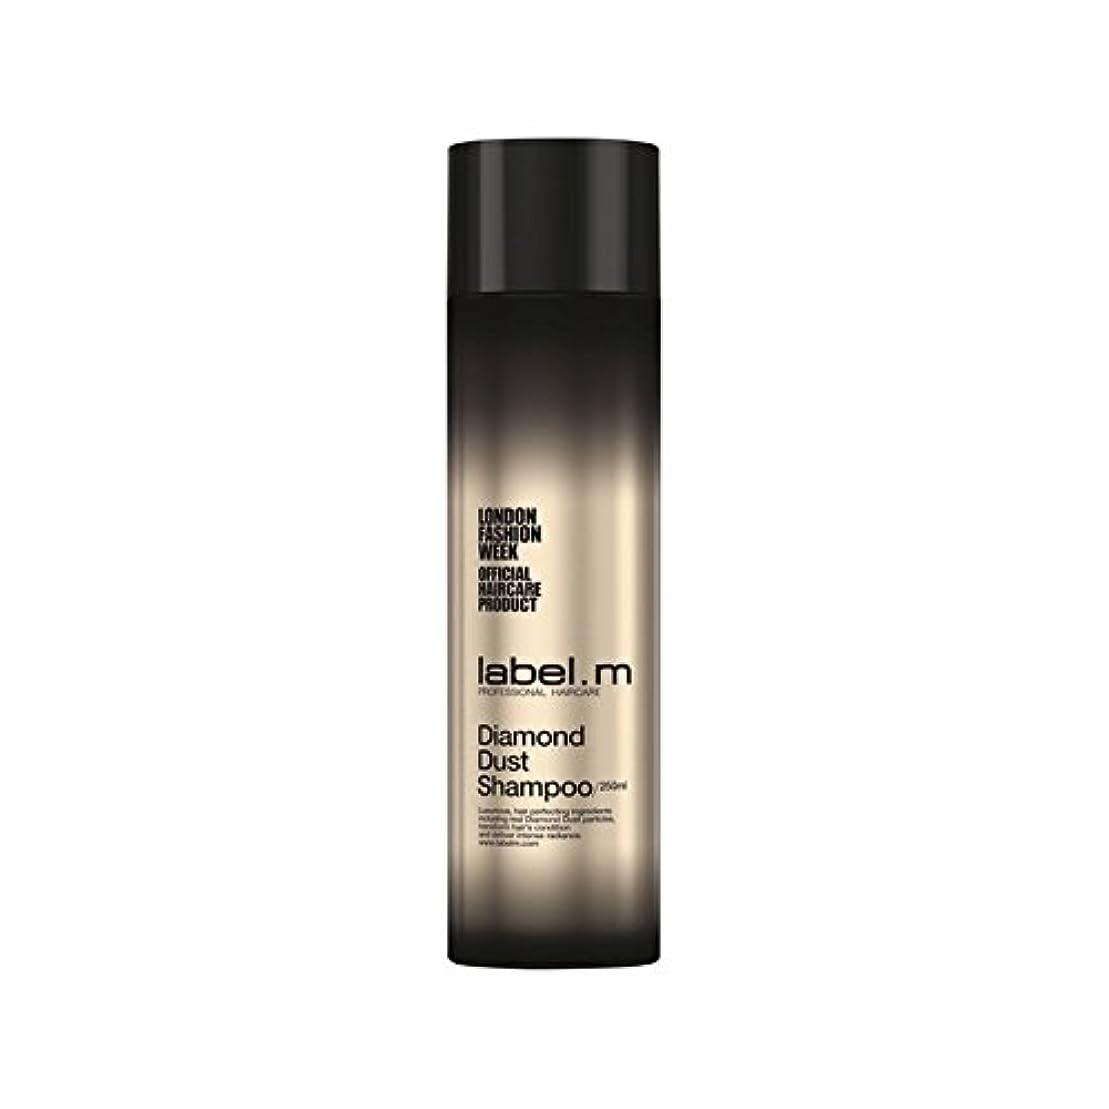 店主アデレードセーブ.ダイヤモンドダストシャンプー(250ミリリットル) x4 - Label.M Diamond Dust Shampoo (250ml) (Pack of 4) [並行輸入品]